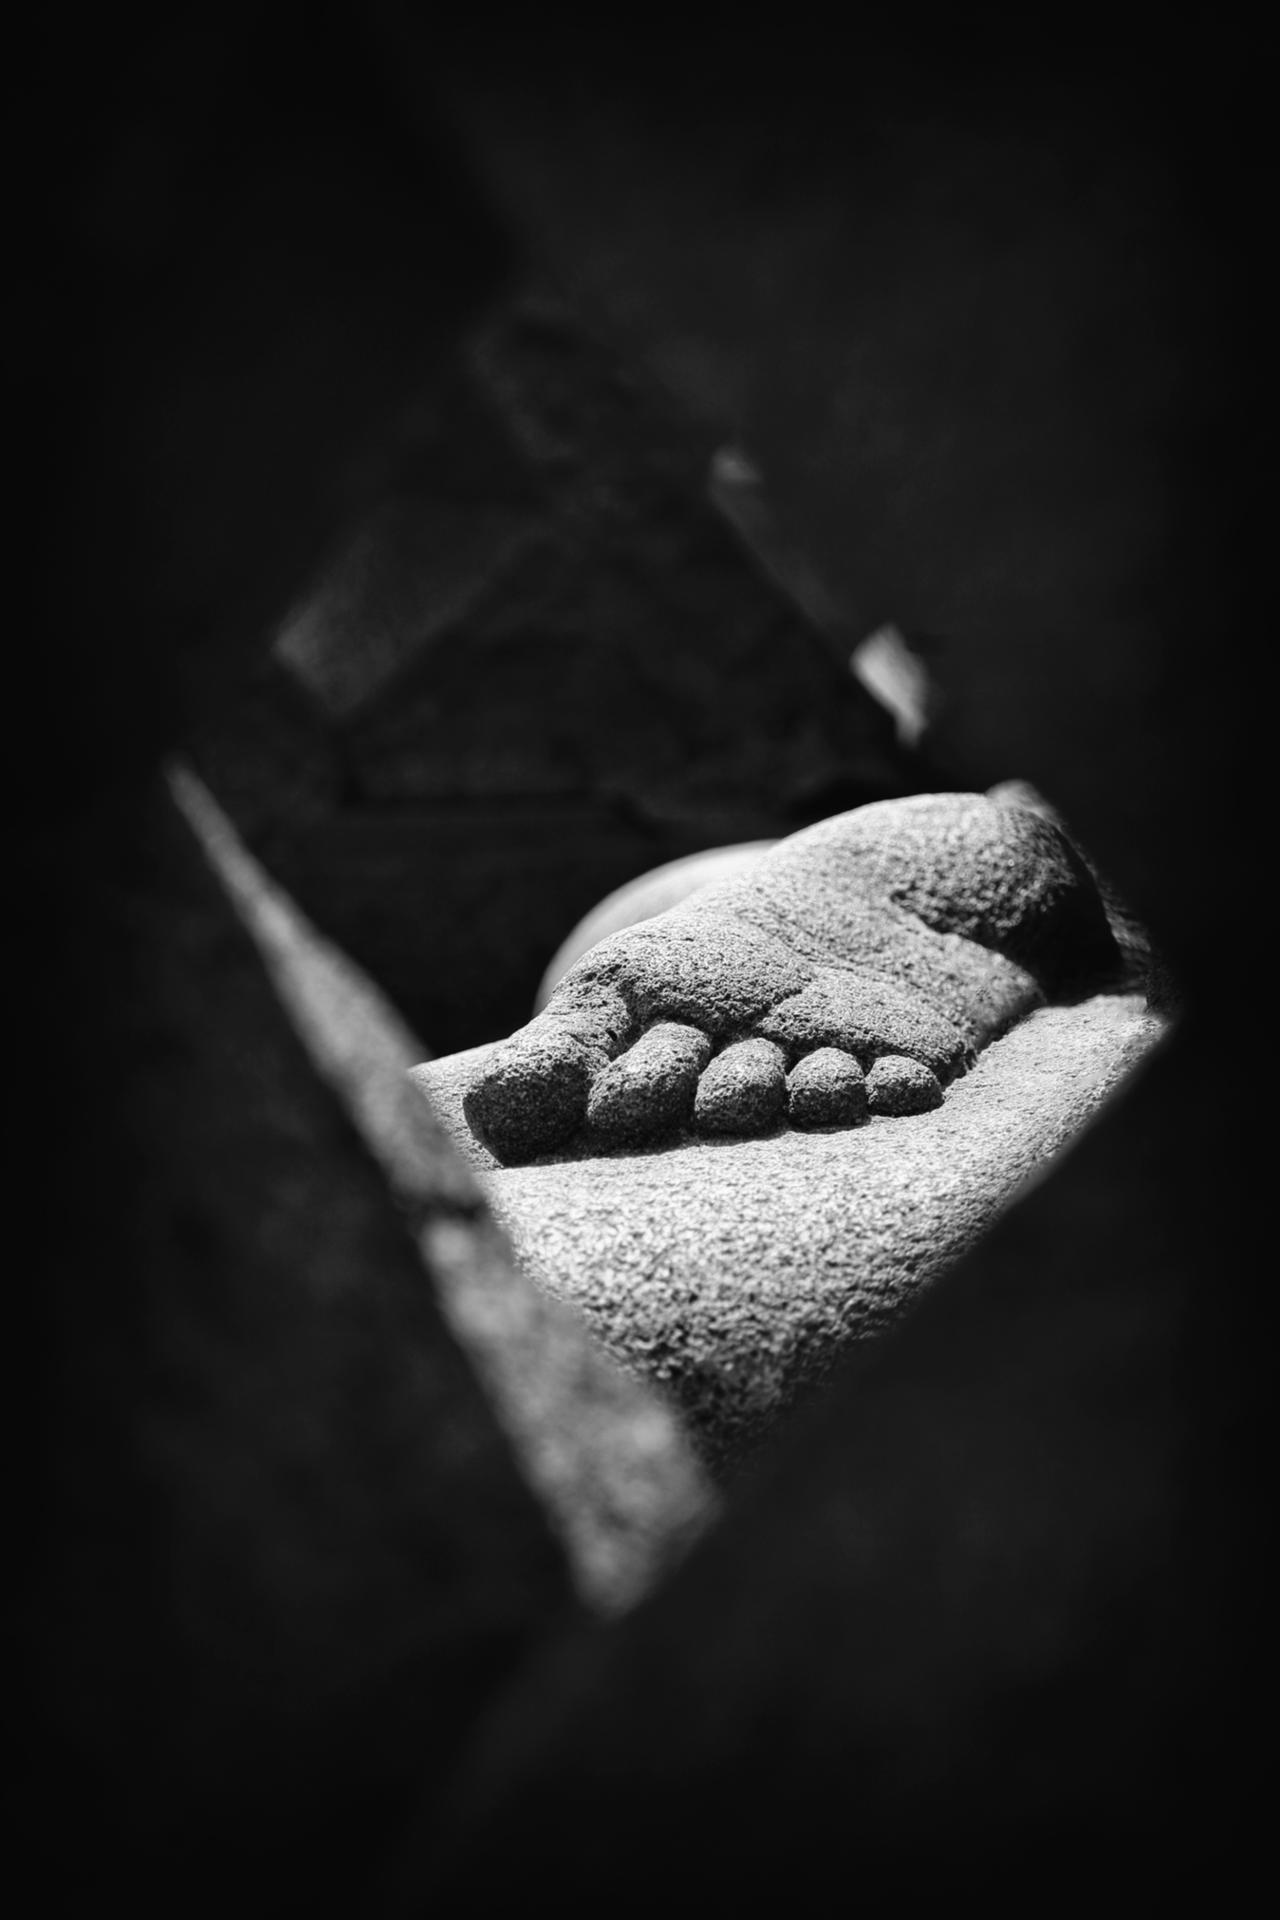 Le pied de Bouddha. Indonésie, Borobudur.